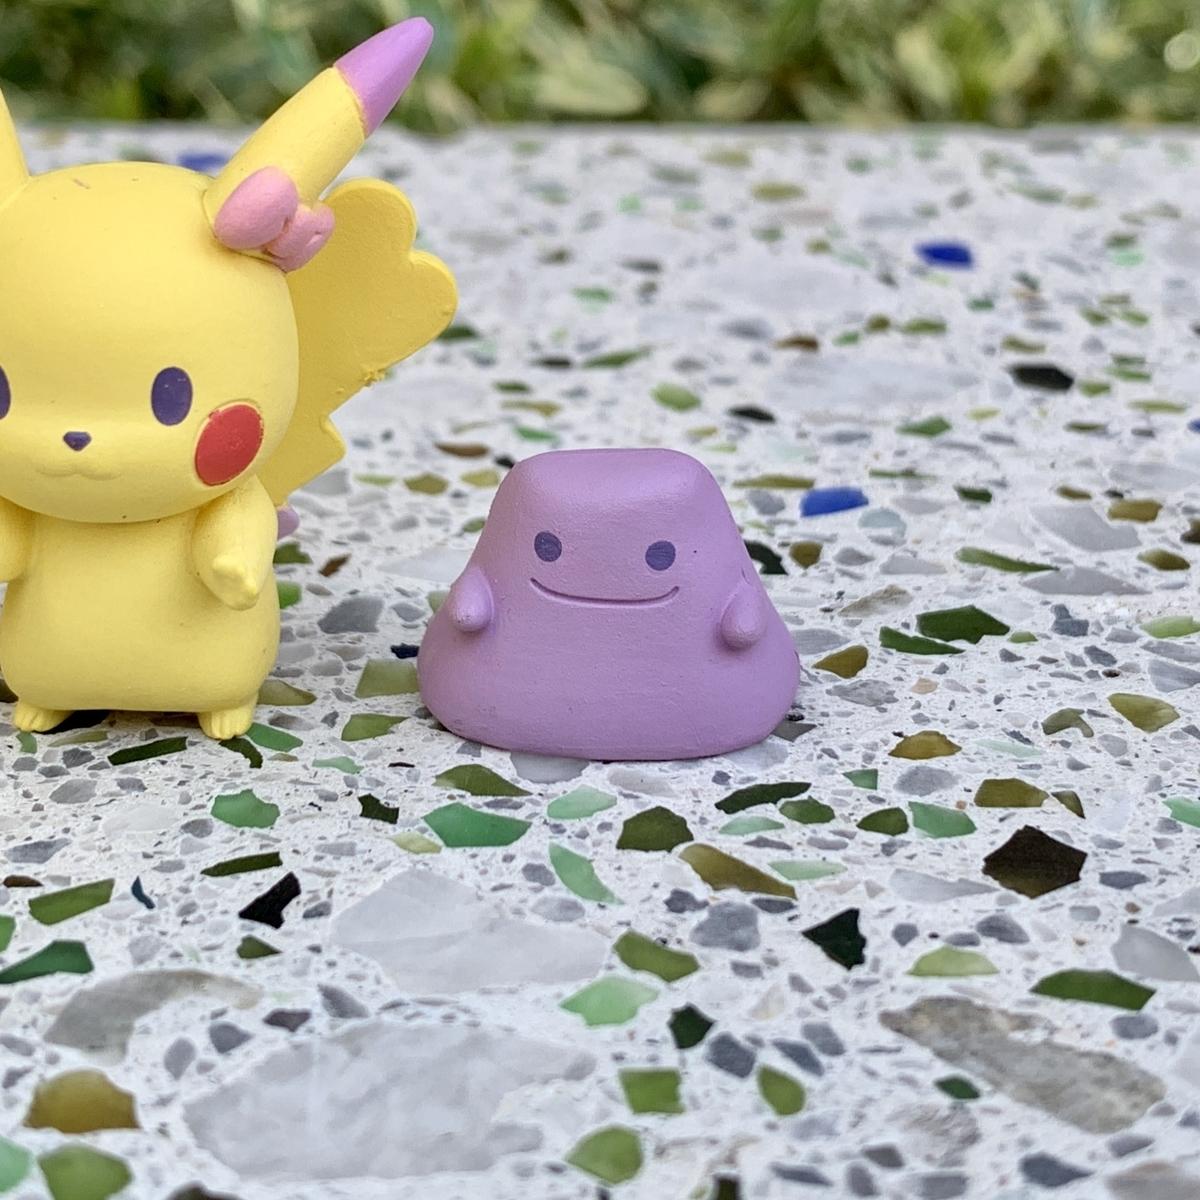 f:id:pikachu_pcn:20190527214551j:plain